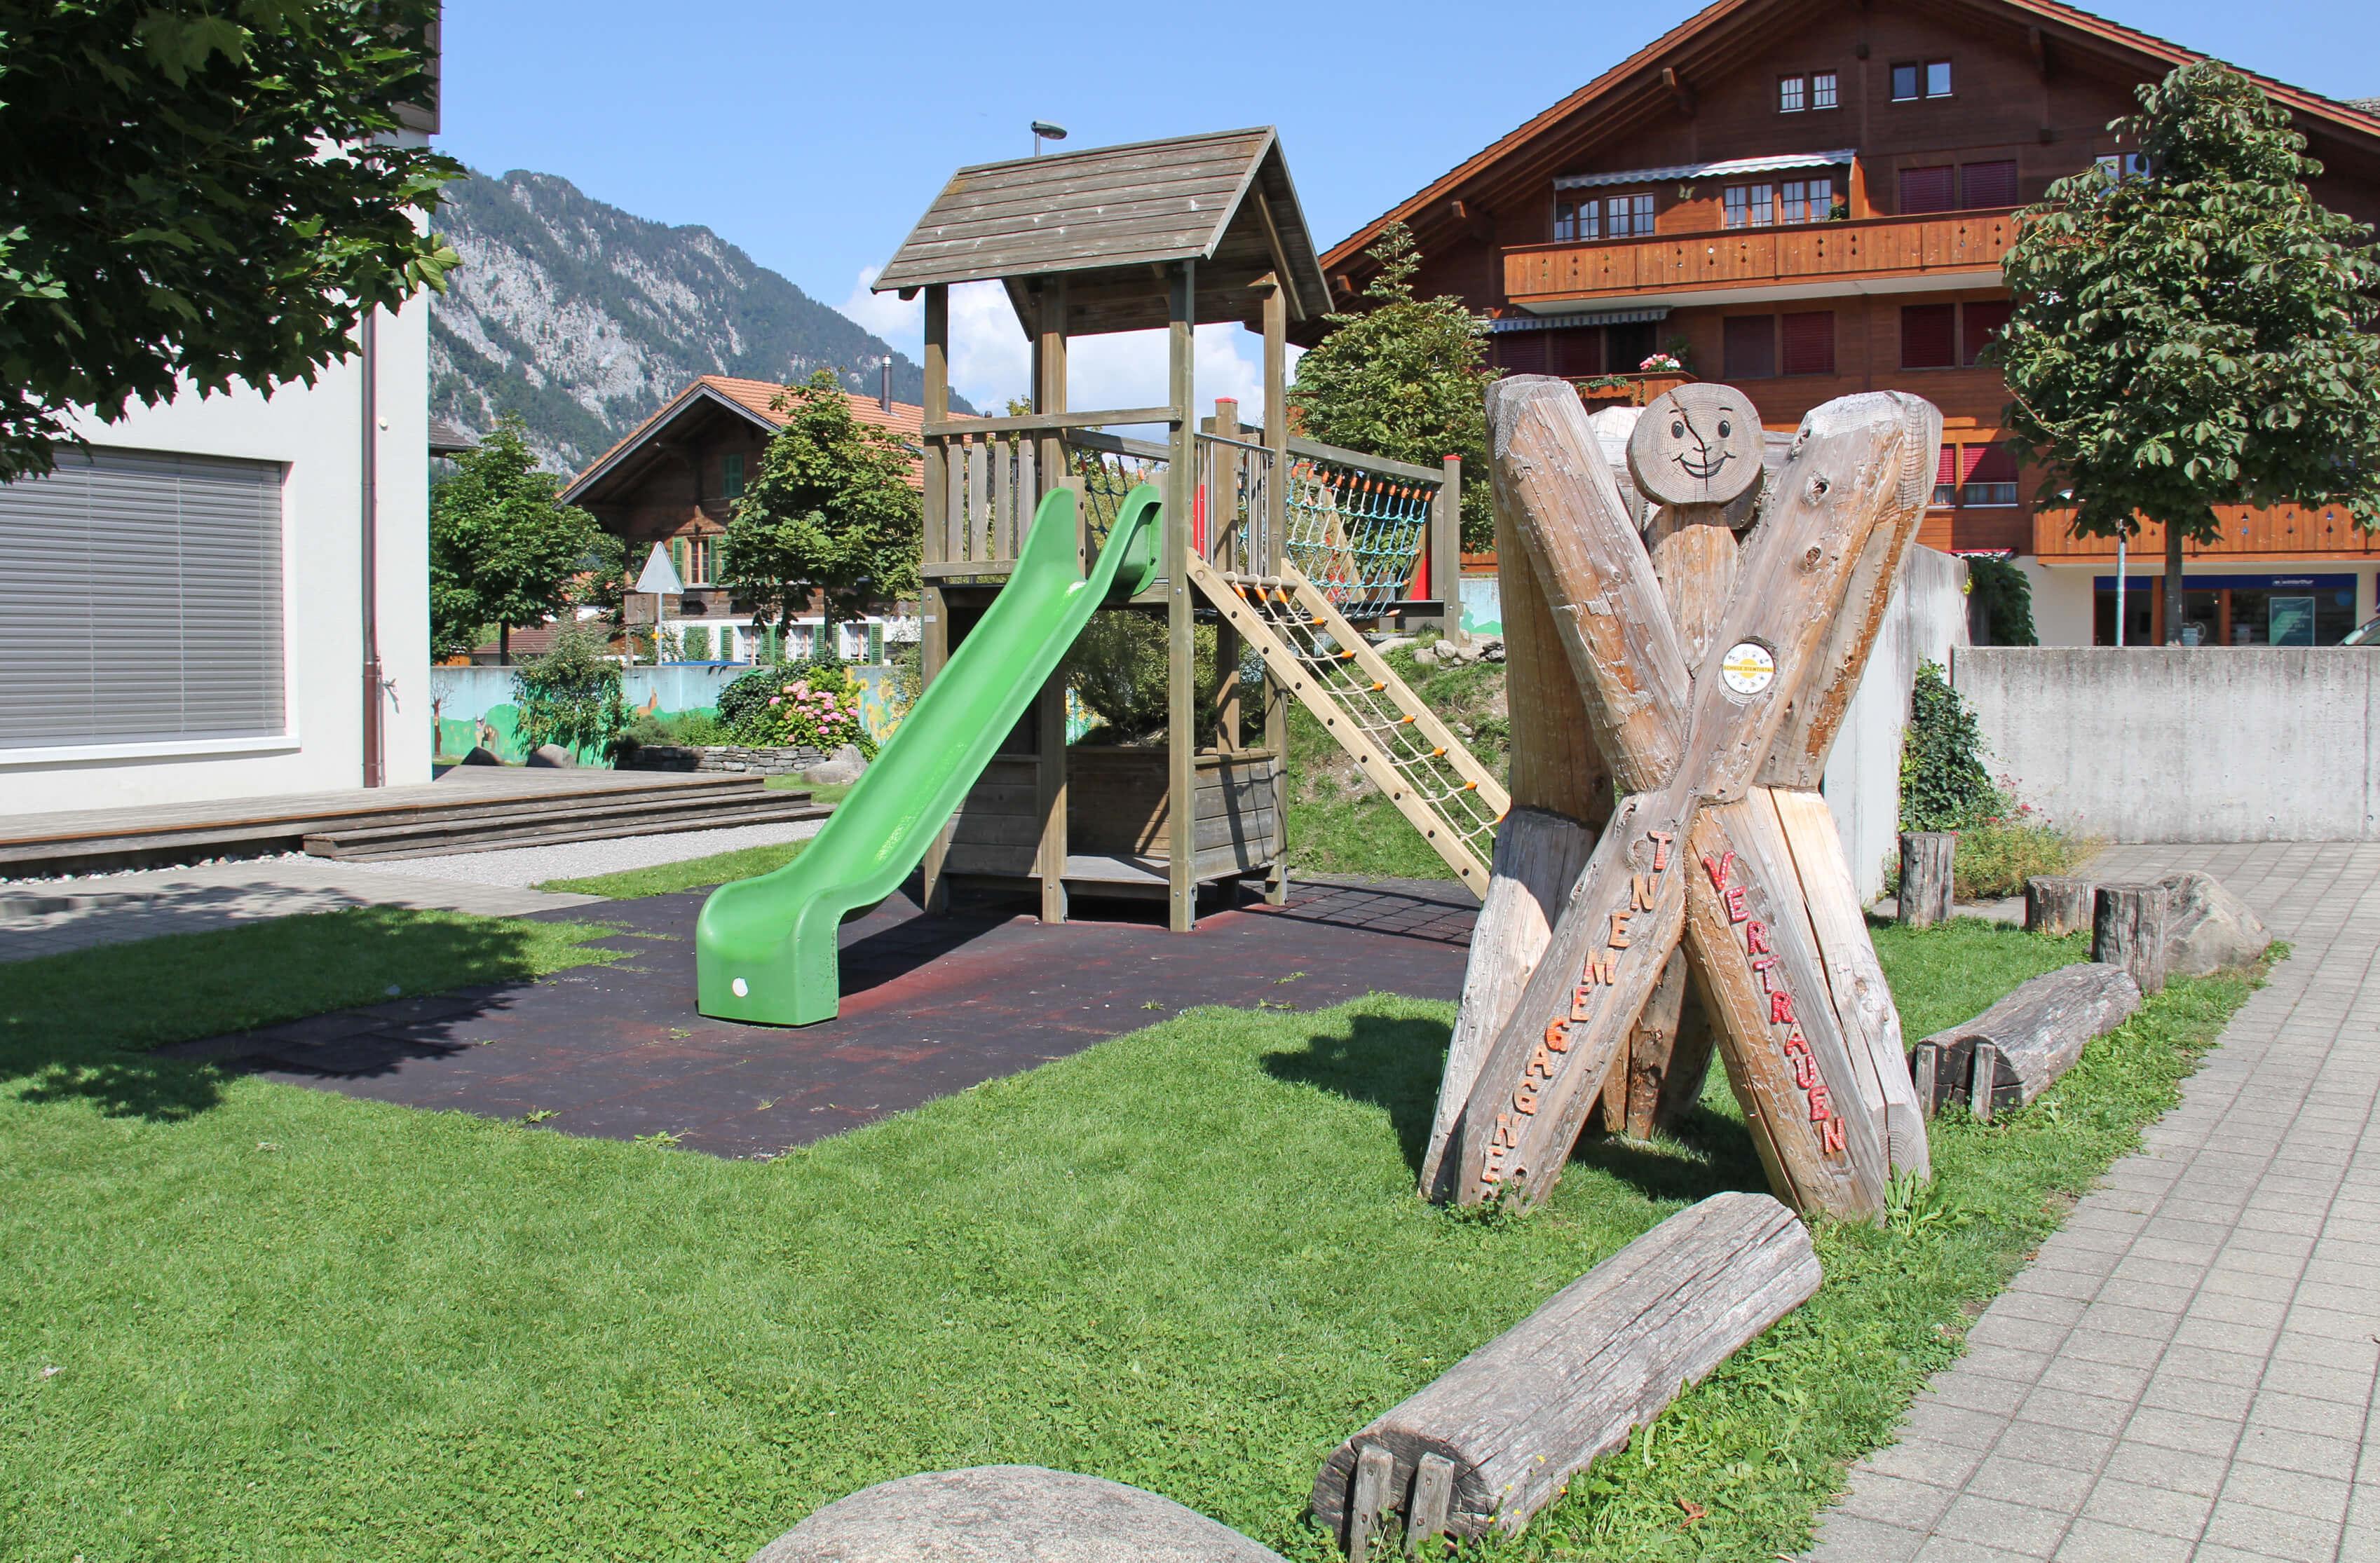 Spielplatz mit Kletterturm und Rutschbahn